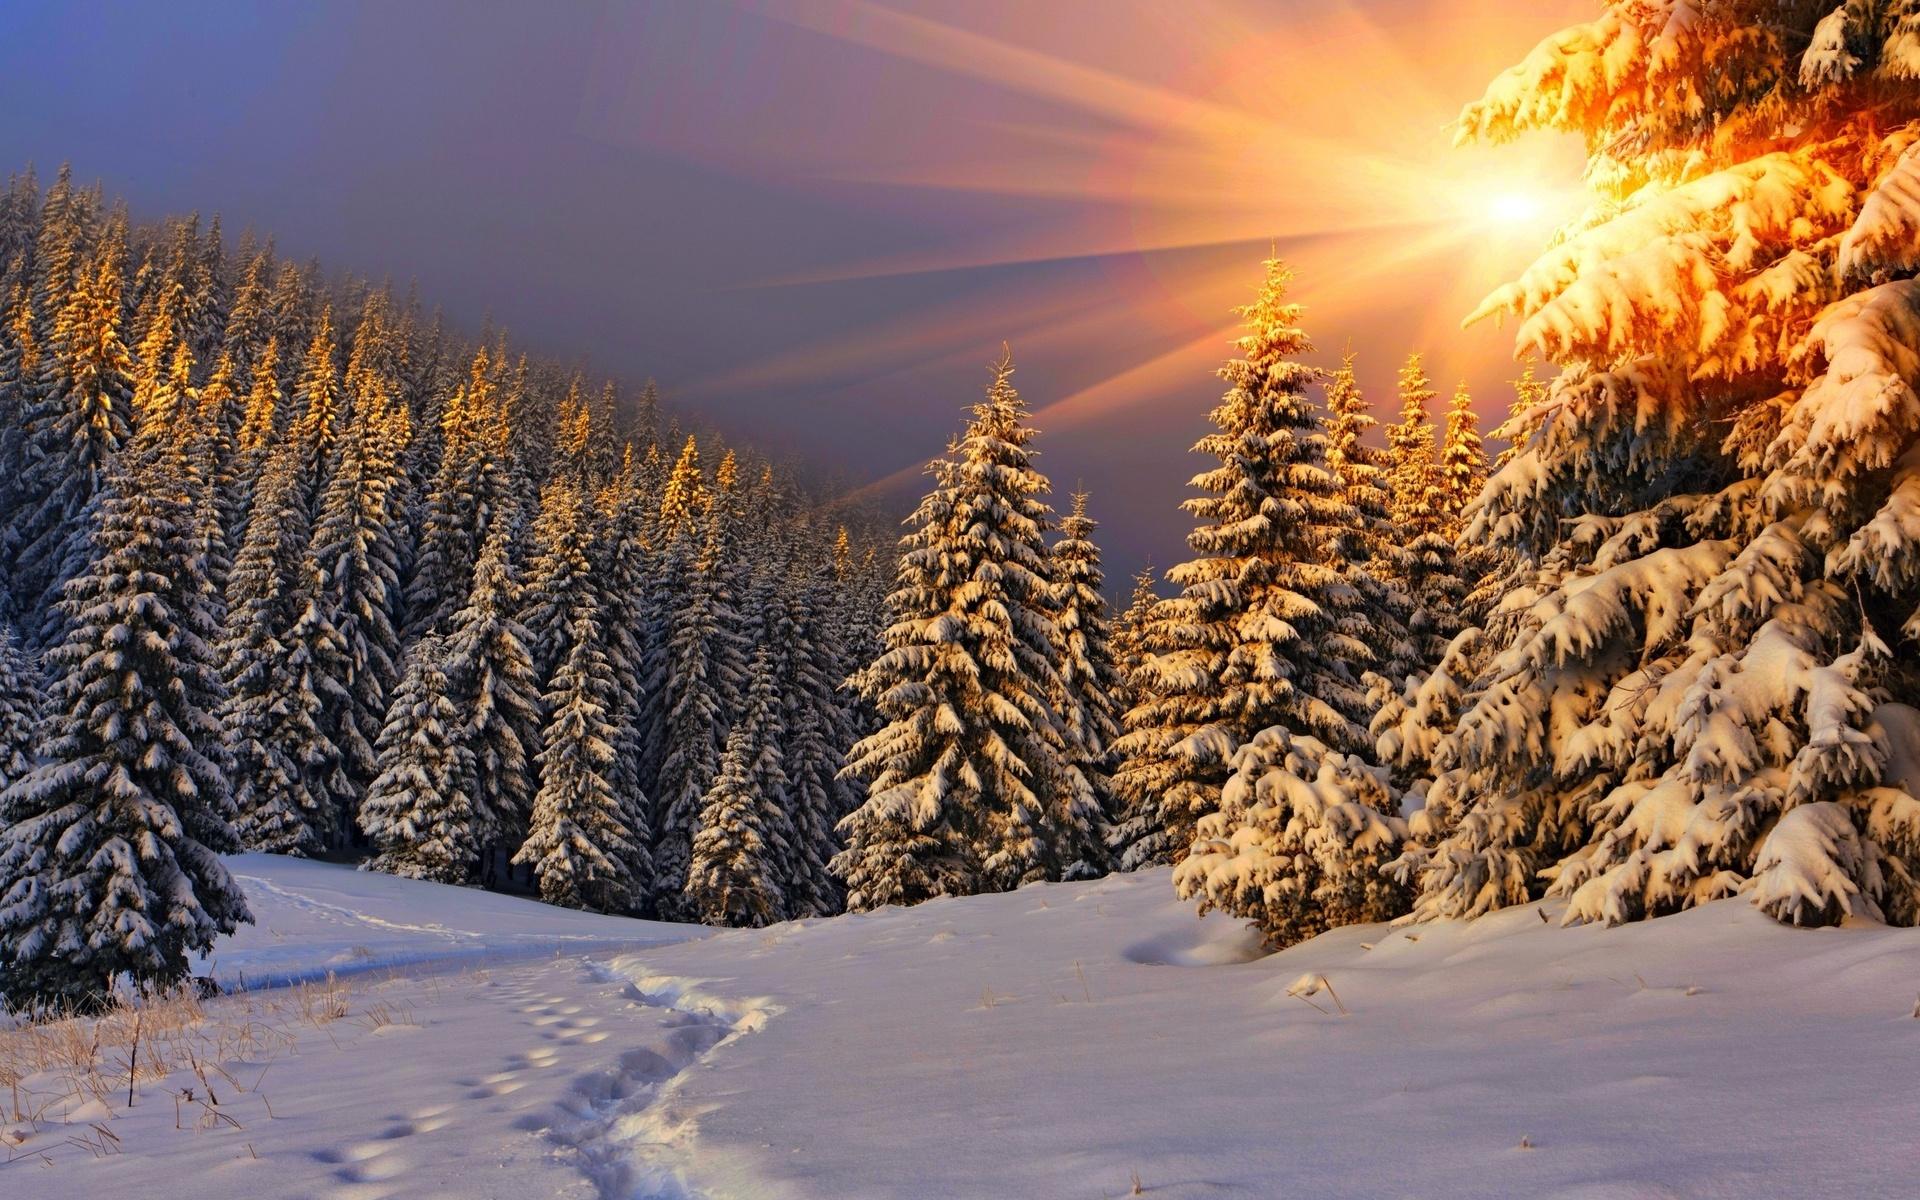 природа, пейзаж, зима, снег, деревья, ели, солнце, лучи, следы